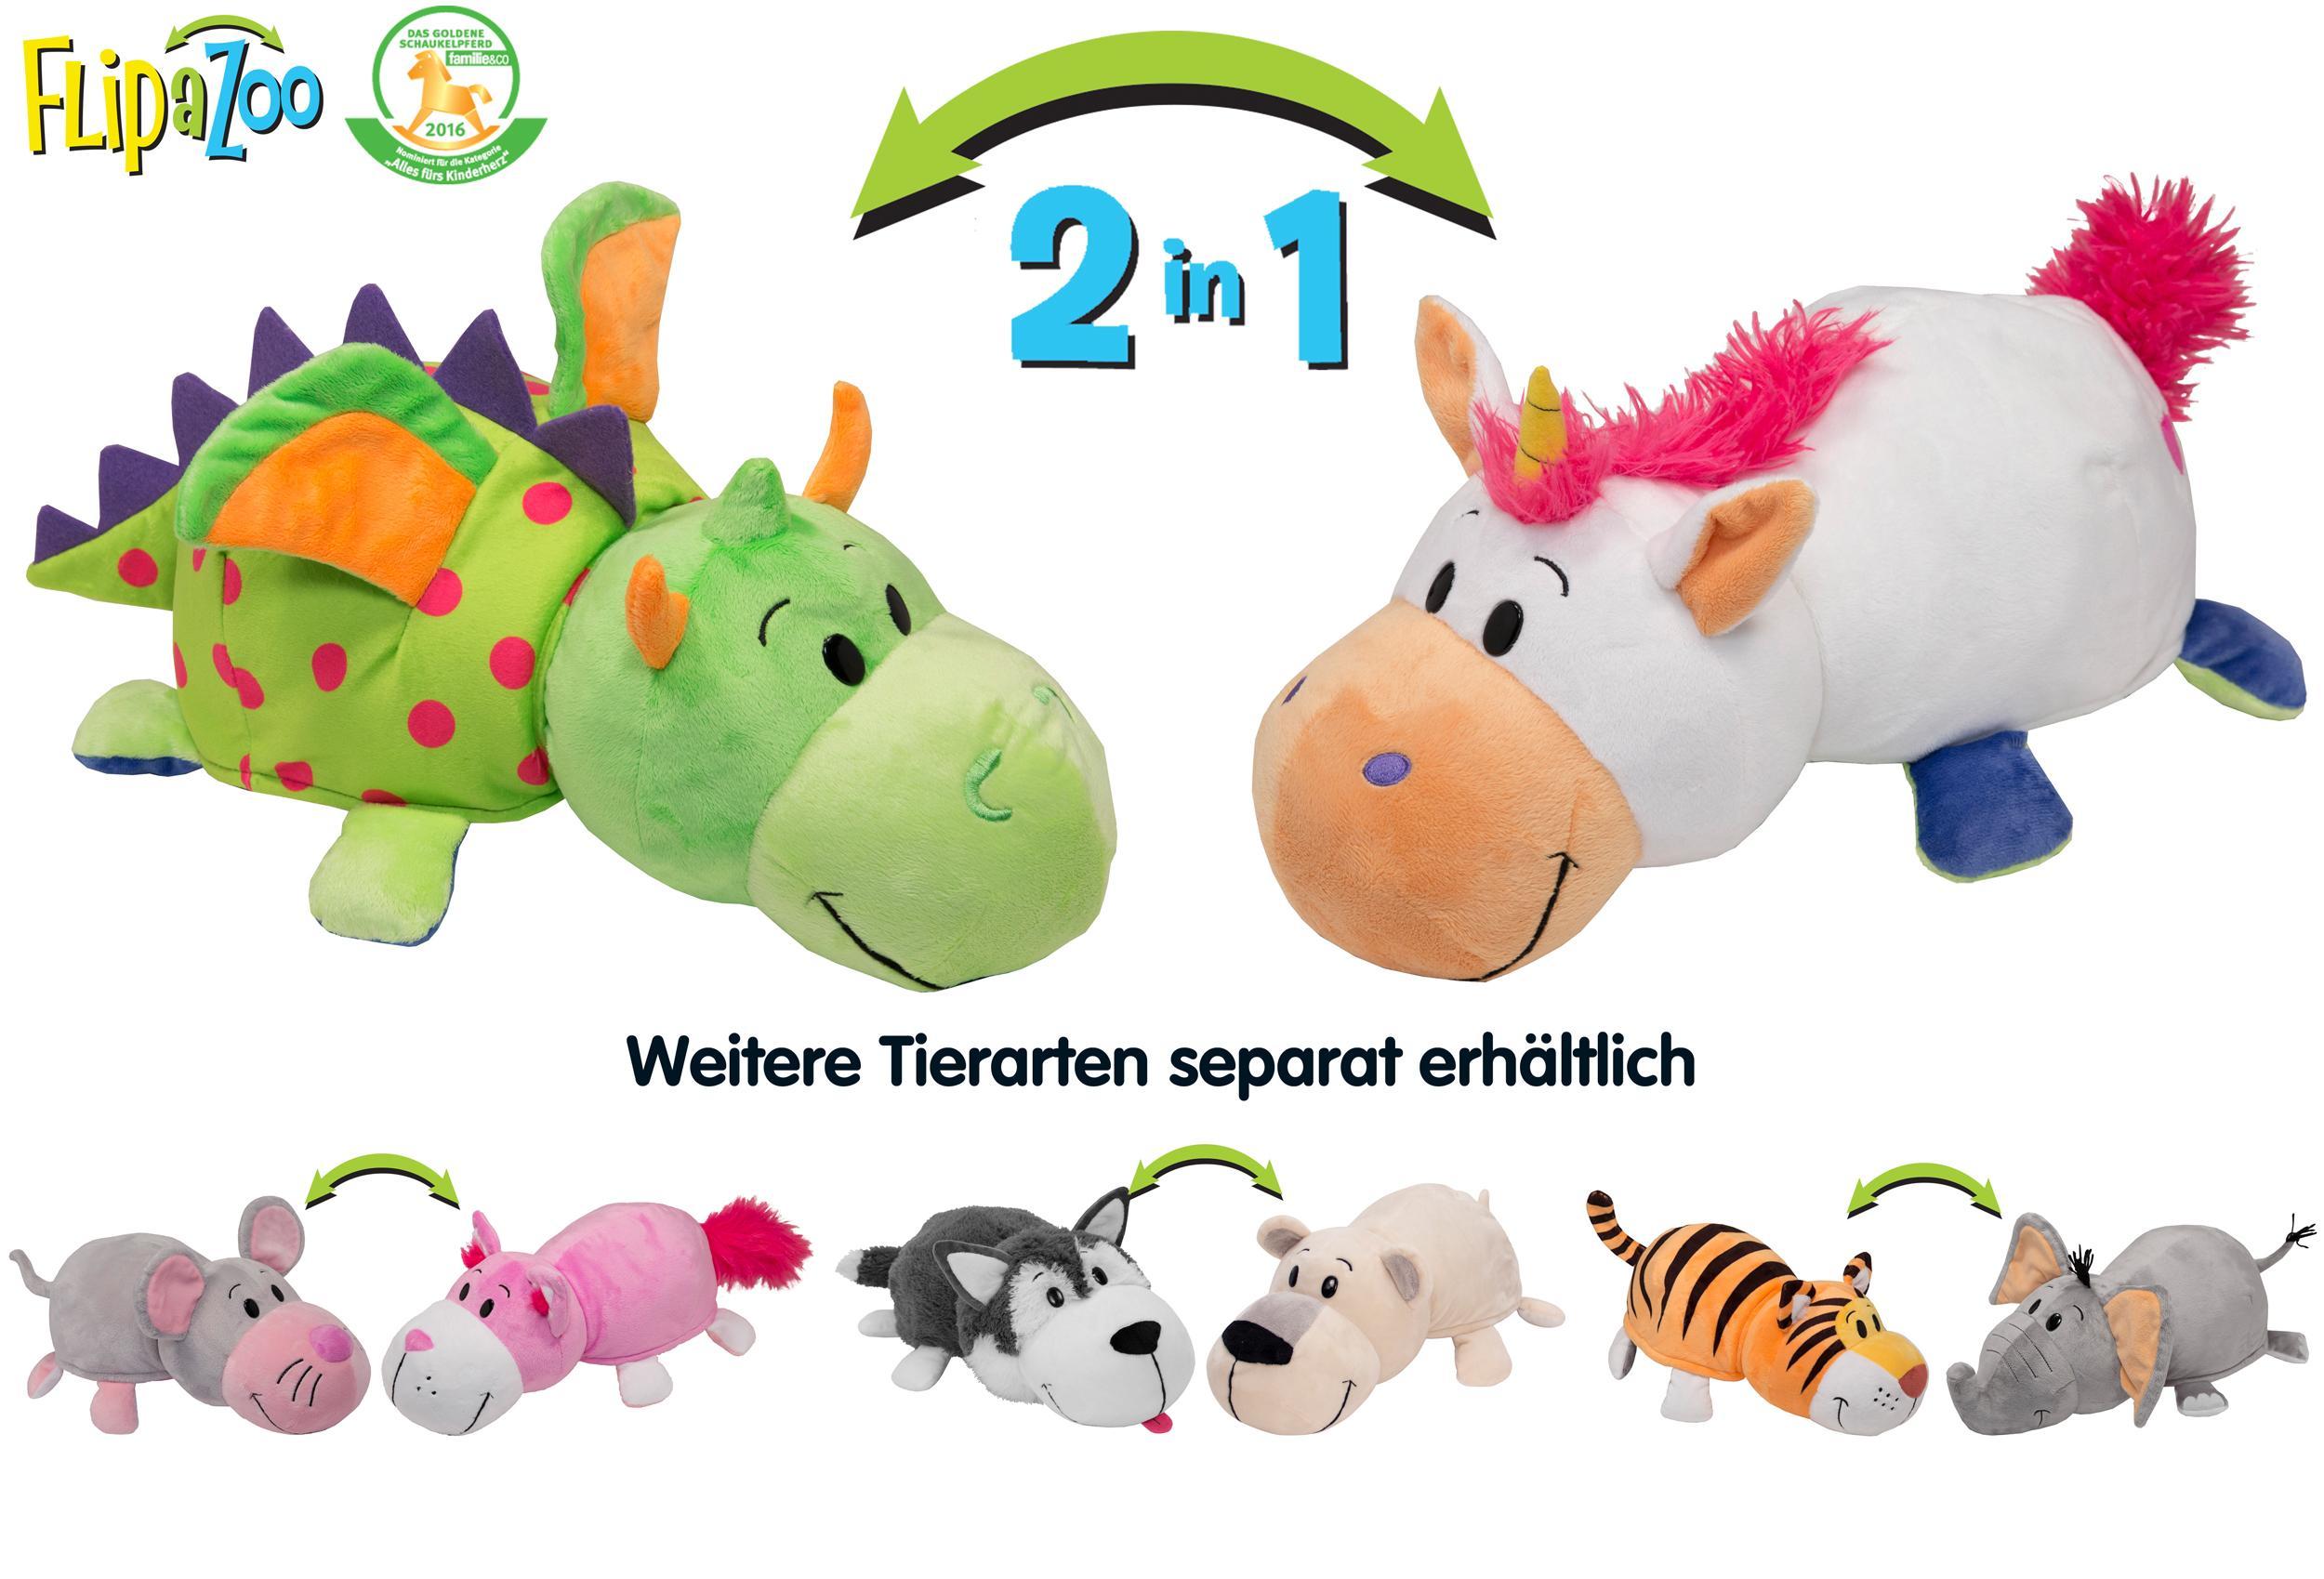 FlipAZoo JA11032.4300 - Einhorn/Drache: Amazon.de: Spielzeug